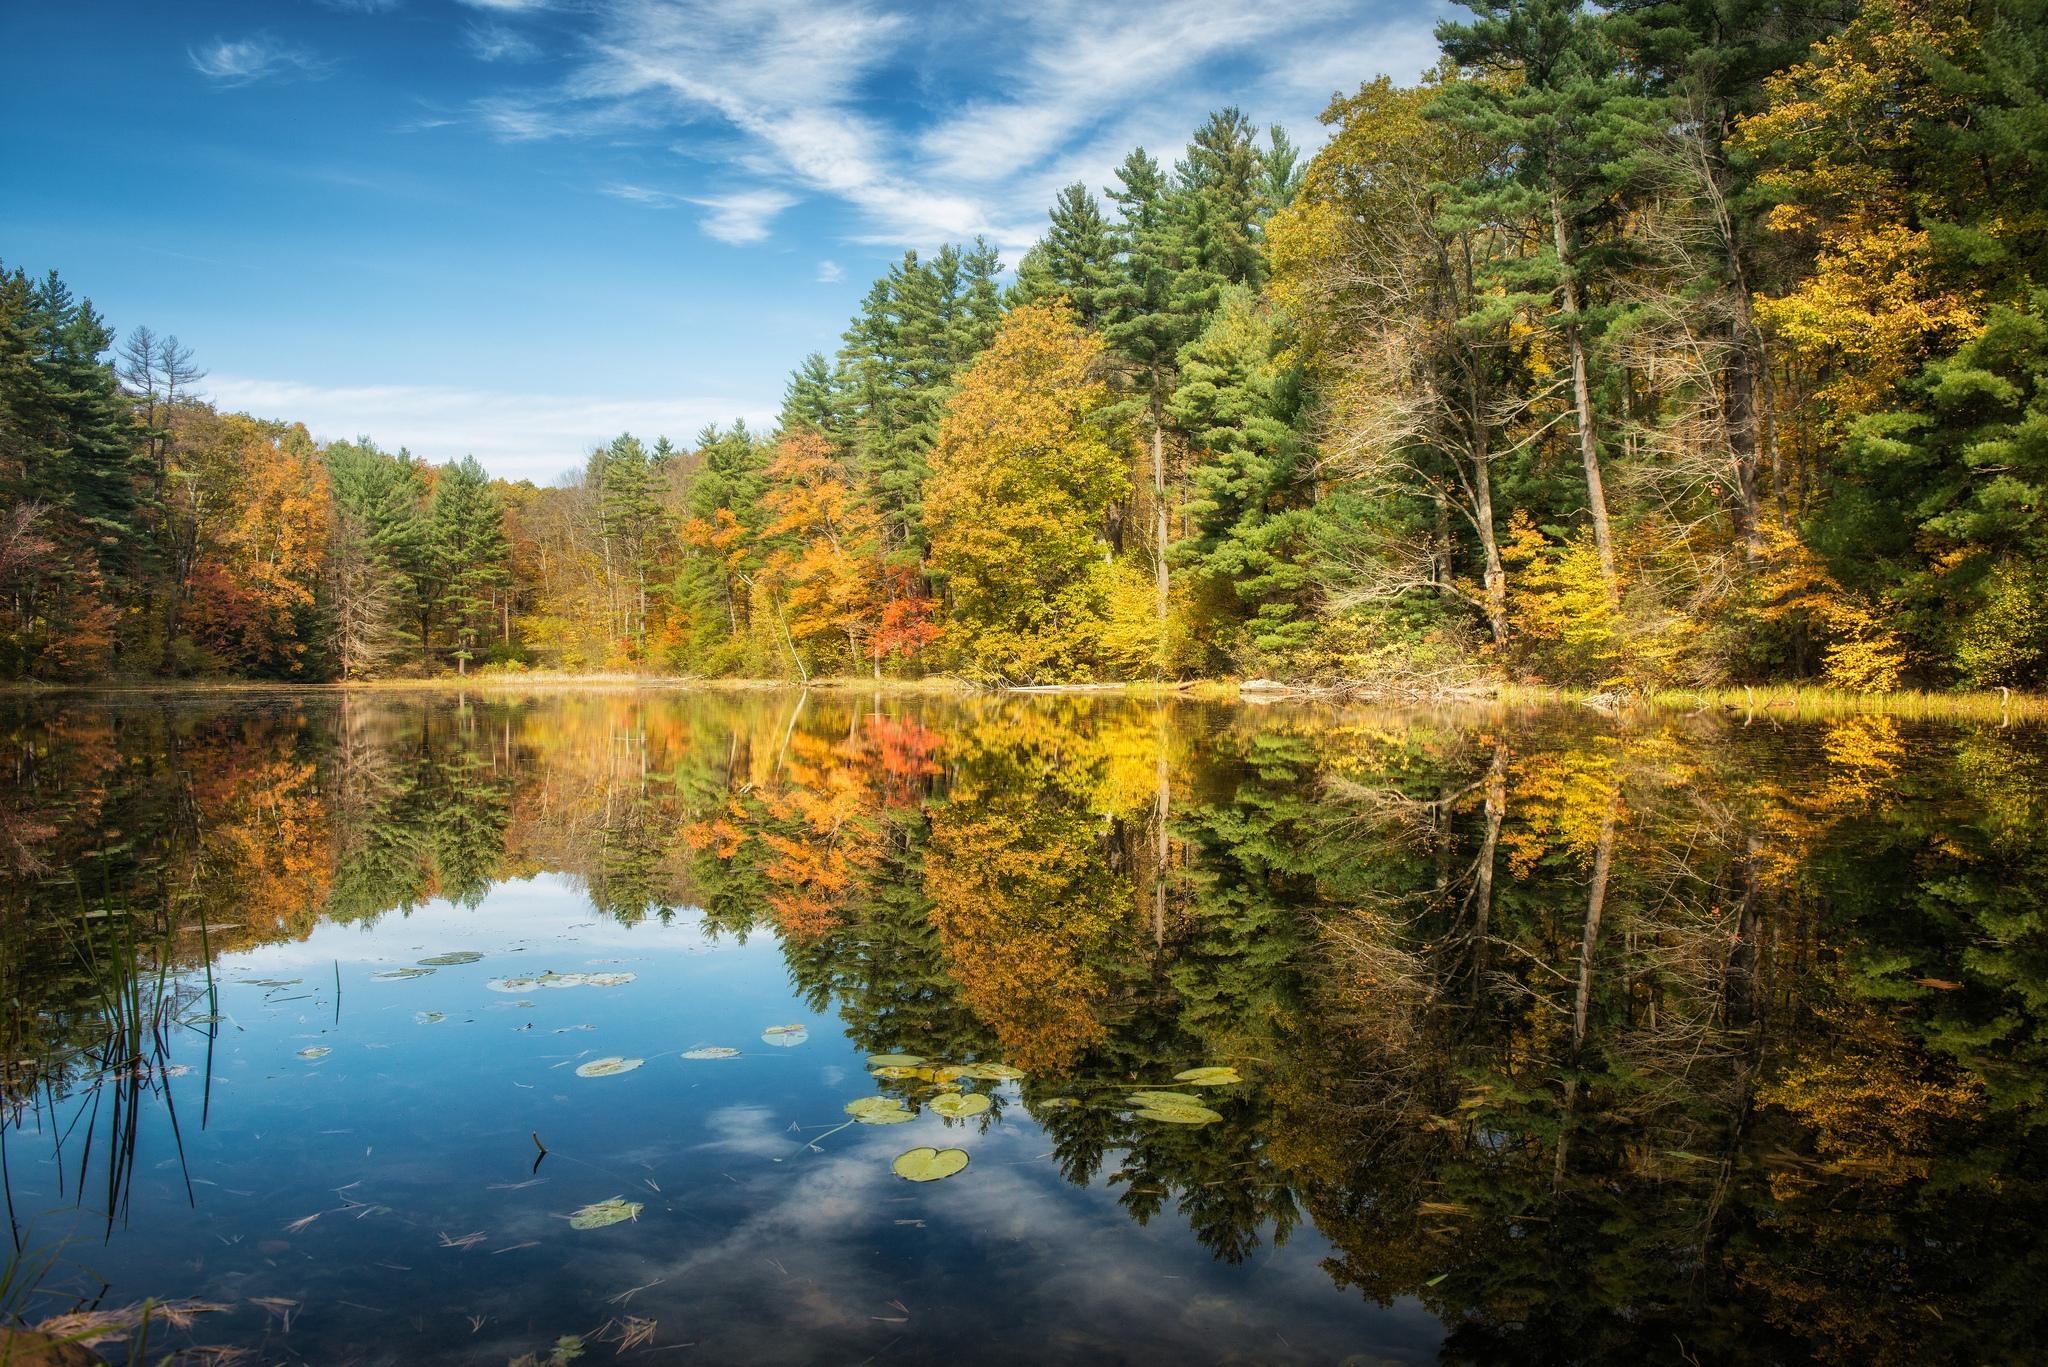 обои на рабочий стол осень природа река озеро лес № 241641  скачать